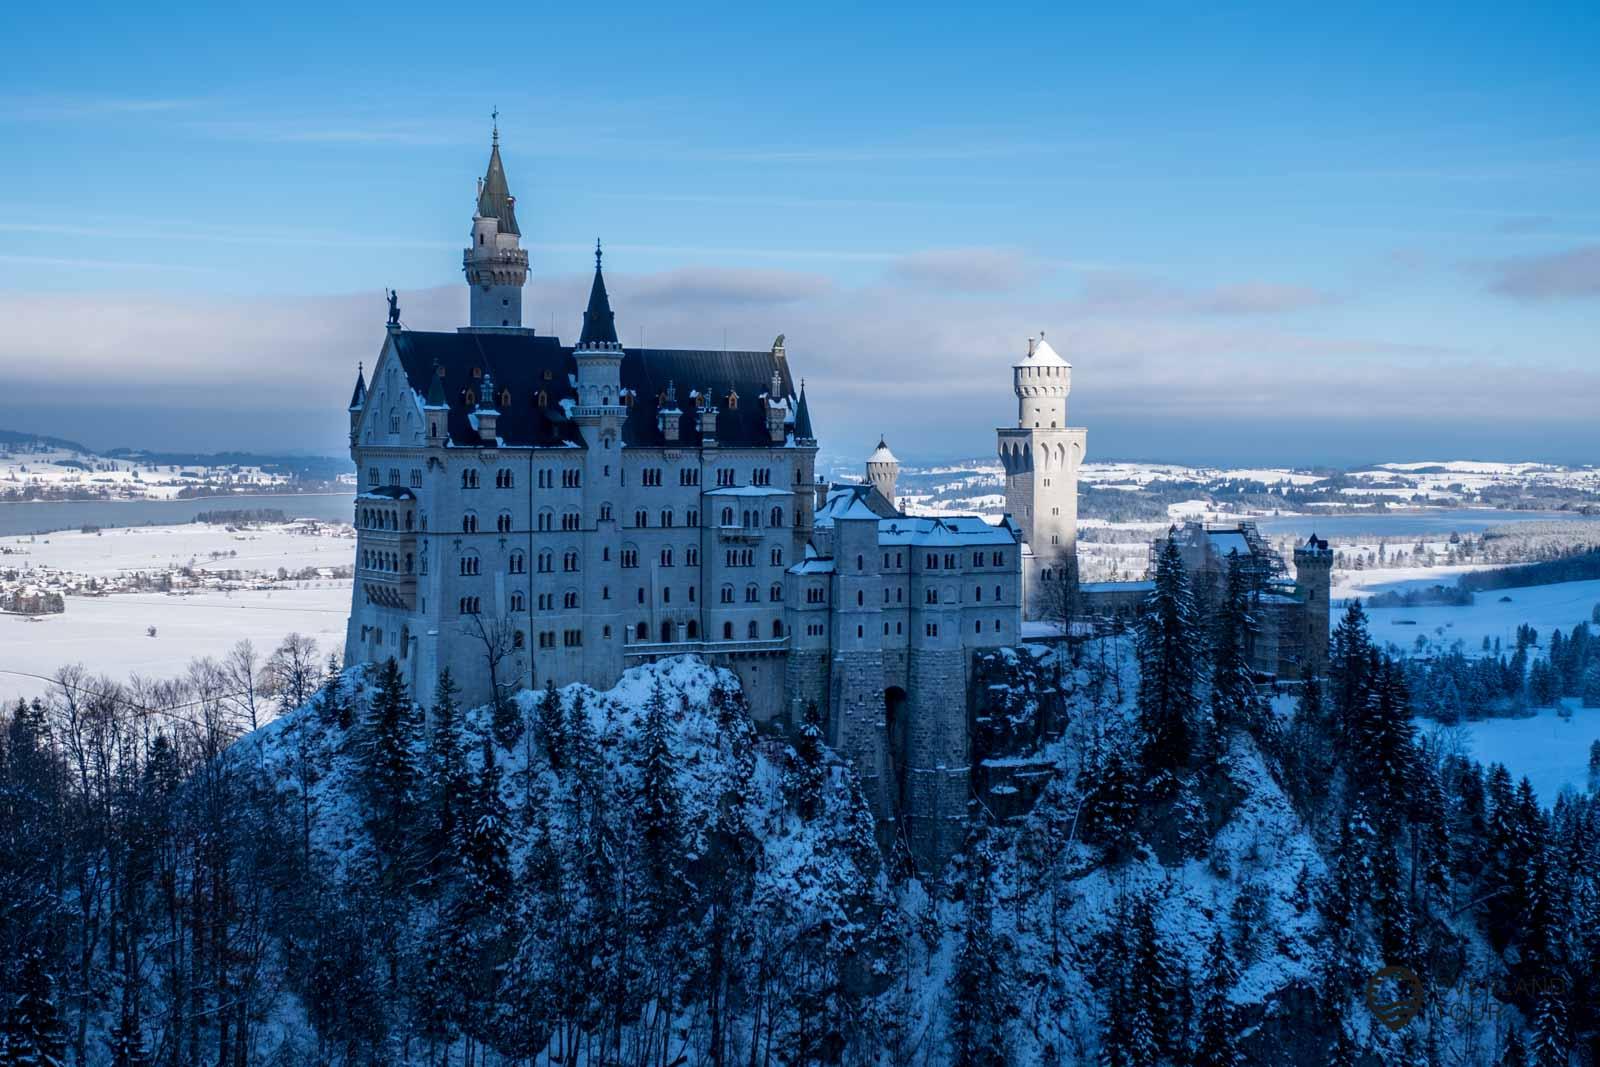 Das Märchenschloss Neuschwanstein von der Marienbrücke aus betrachtet